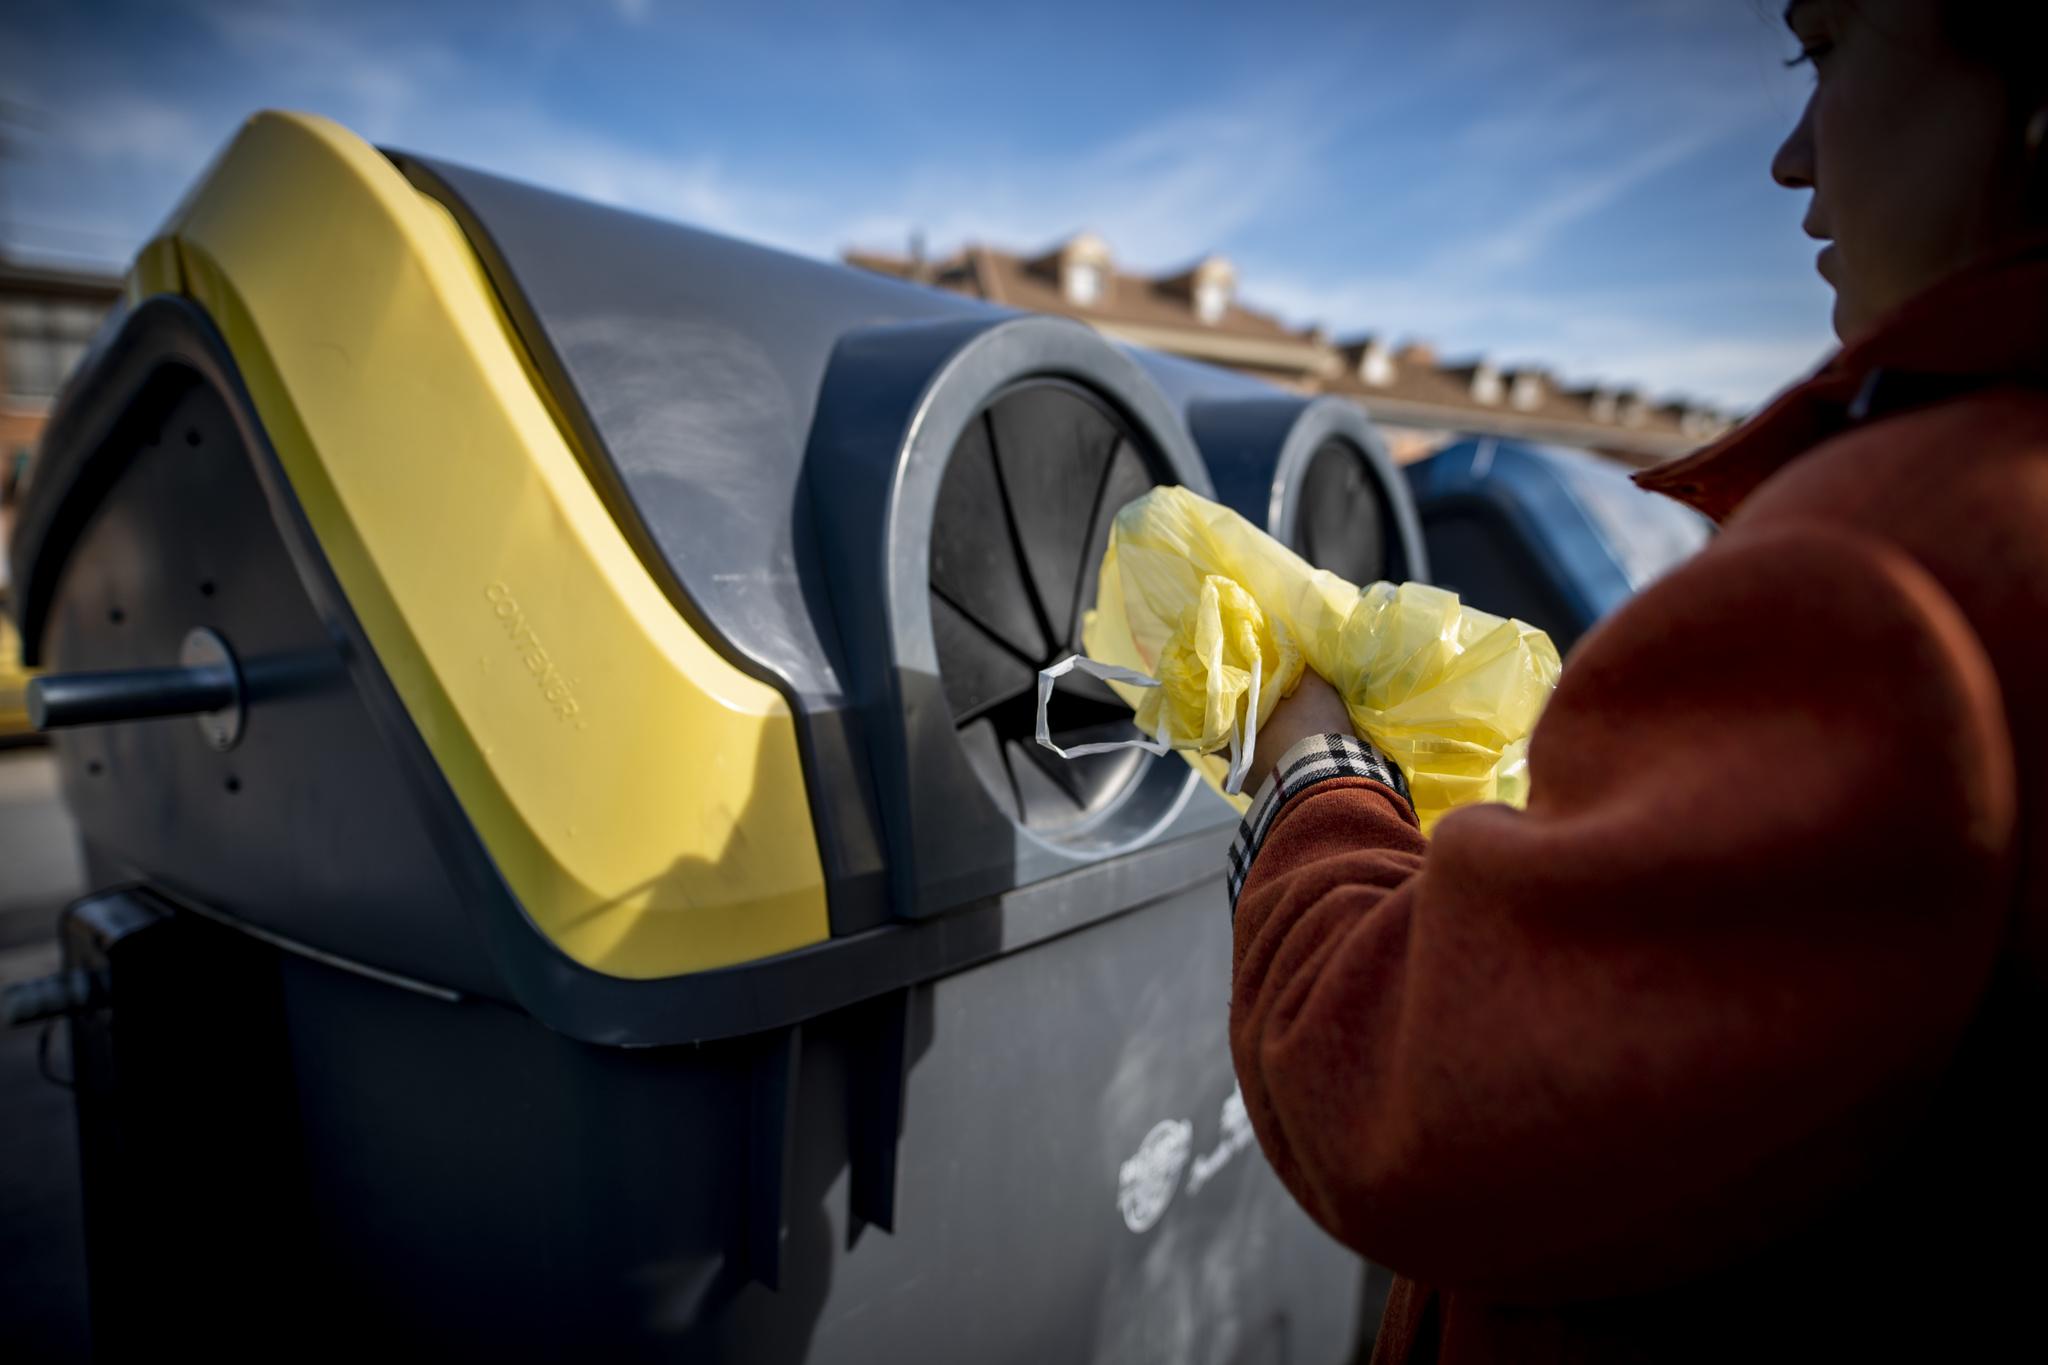 En total se entregaron 47.651 toneladas de desechos a instalaciones de reciclaje procedentes de contenedores, recogidas y plantas de residuos municipales. Imagen: CARM